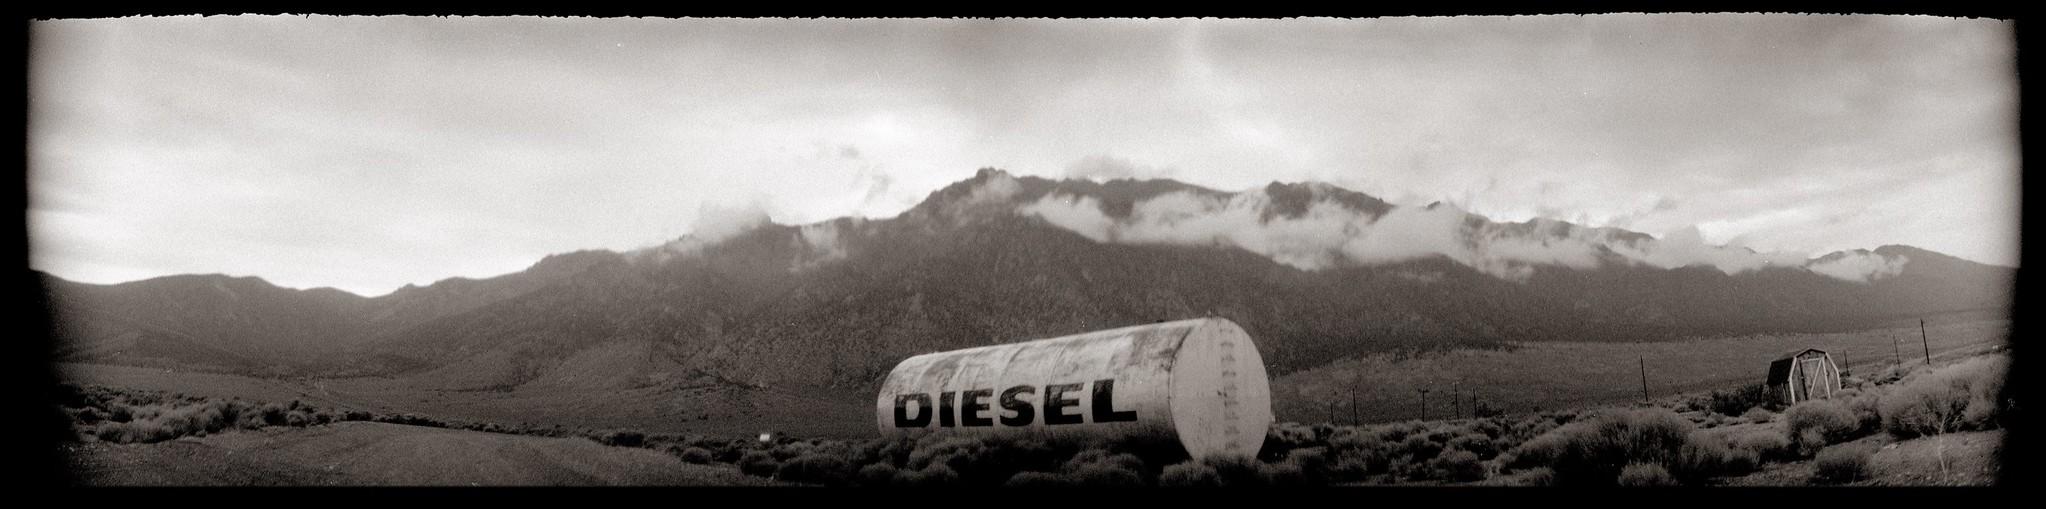 Diesel panorama | by efo